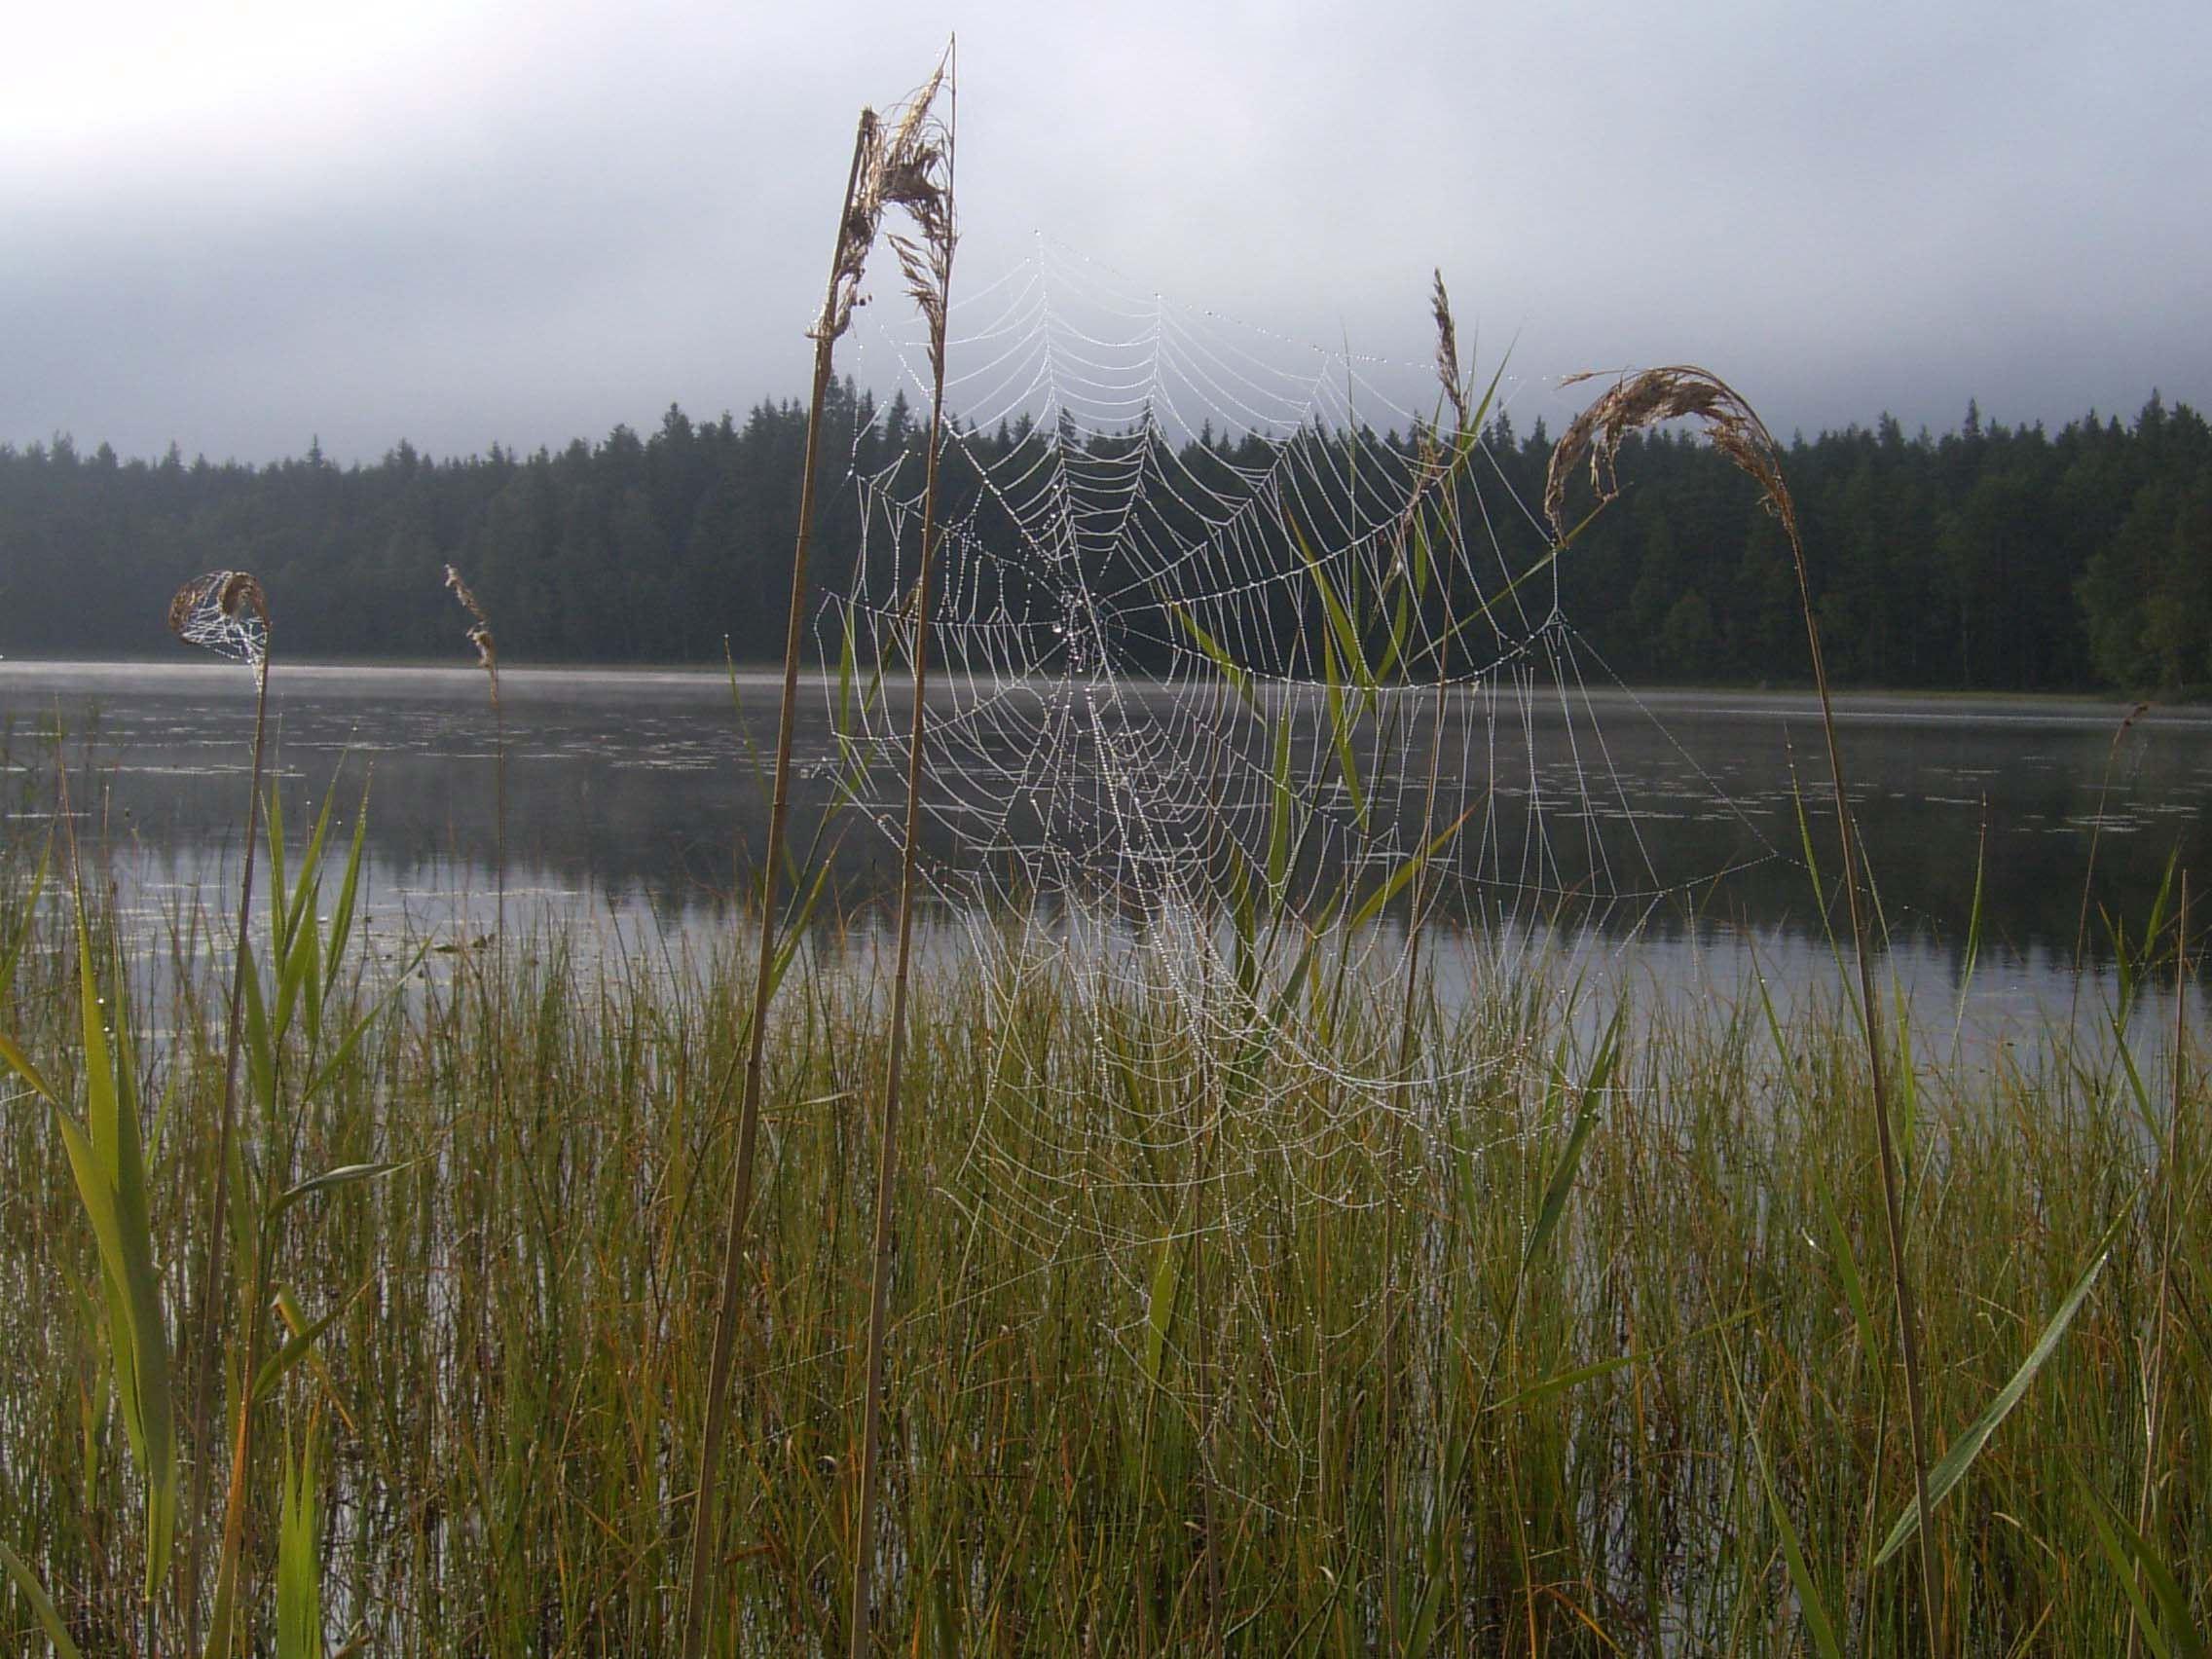 Stora Åkebosjön, Stora Hammarsjöområdet